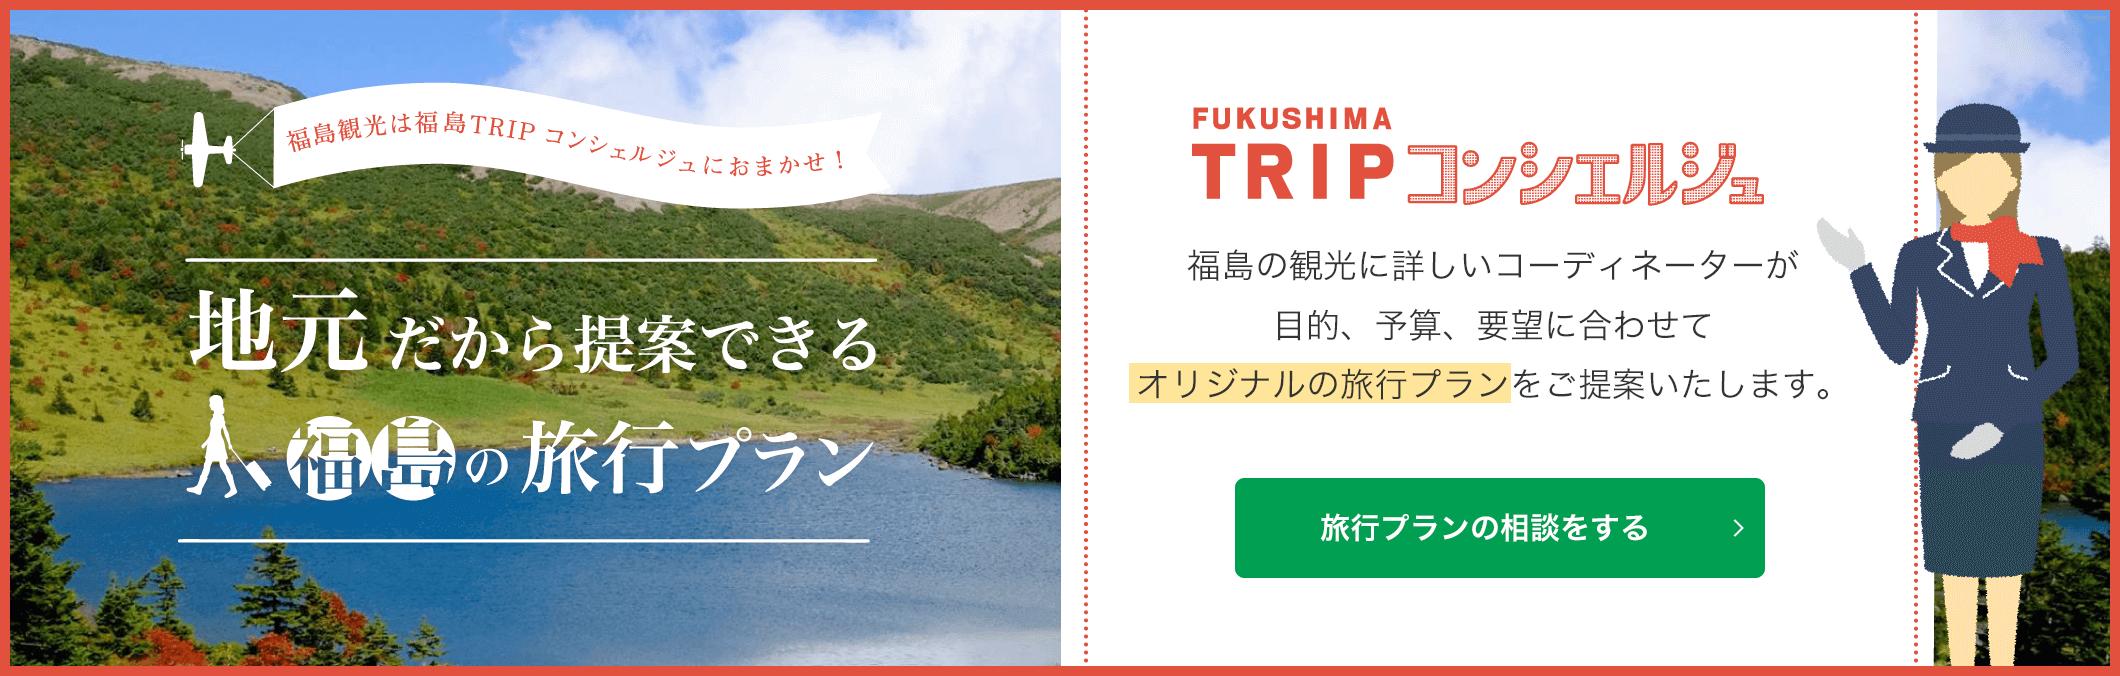 福島TRIPコンシェルジュ|福島観光の相談をする